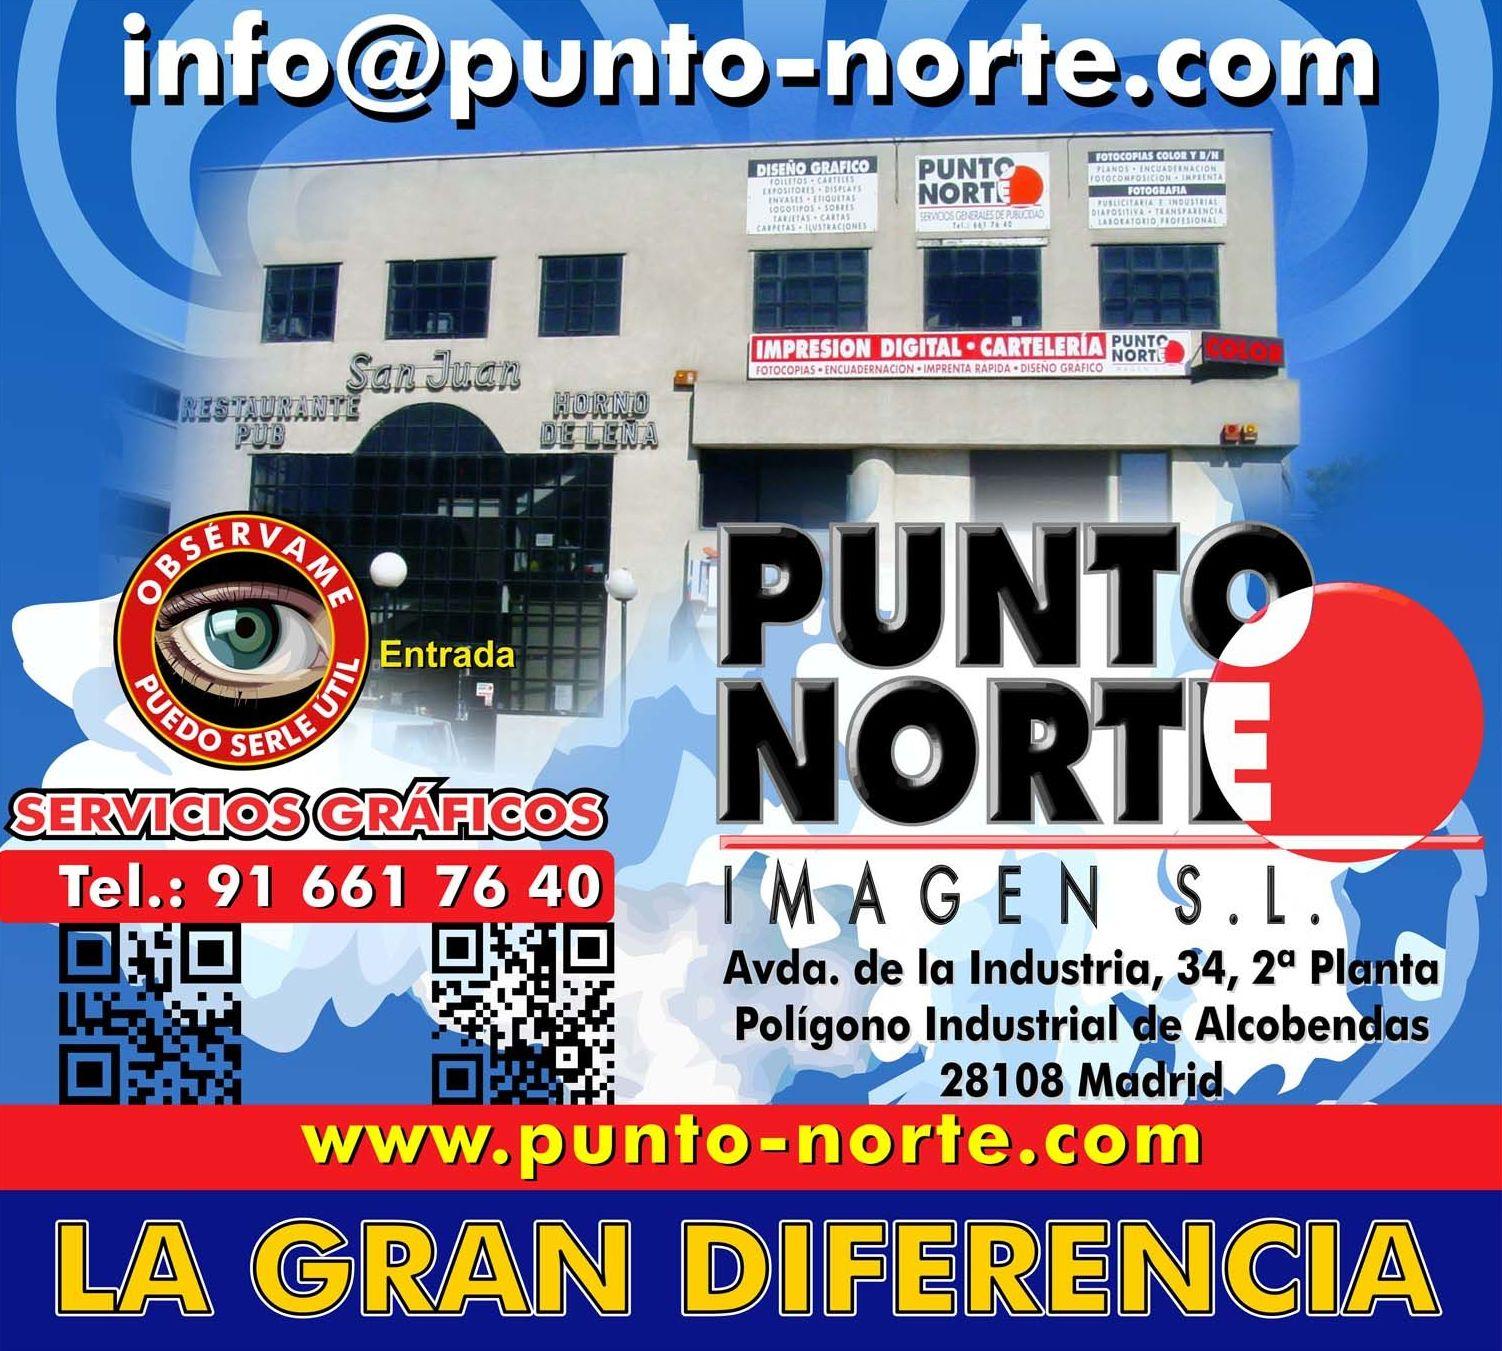 Foto 4 de Especialistas en servicios gráficos y de impresión en Alcobendas | Punto Norte Imagen, S.L.